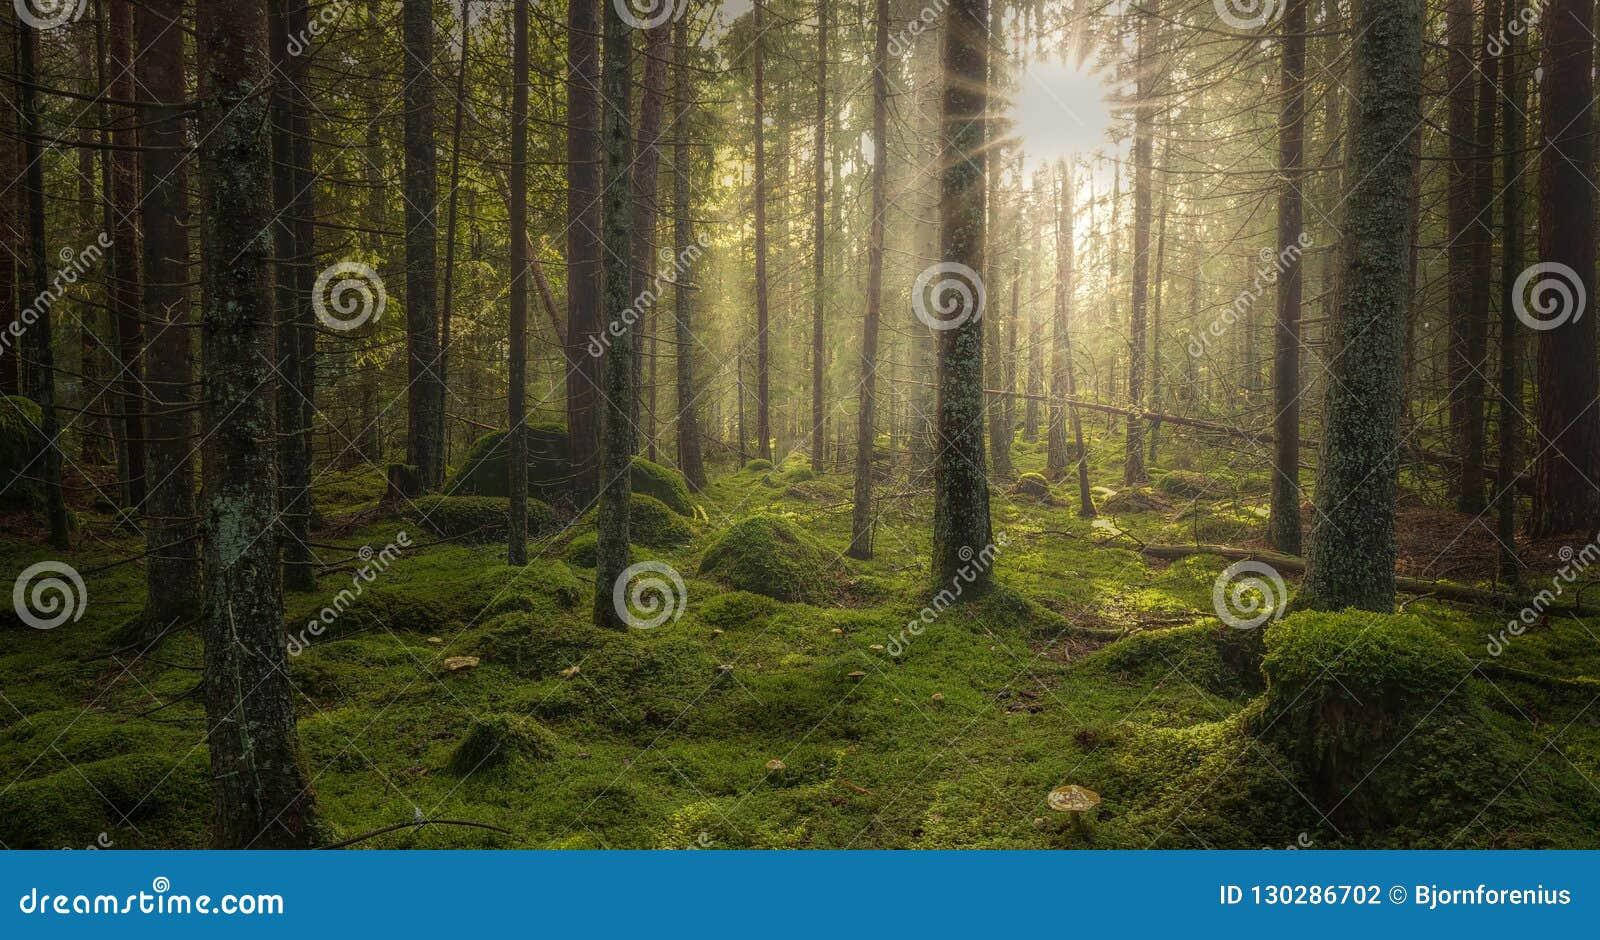 Groen bemost bos met mooi licht van zon het glanzen